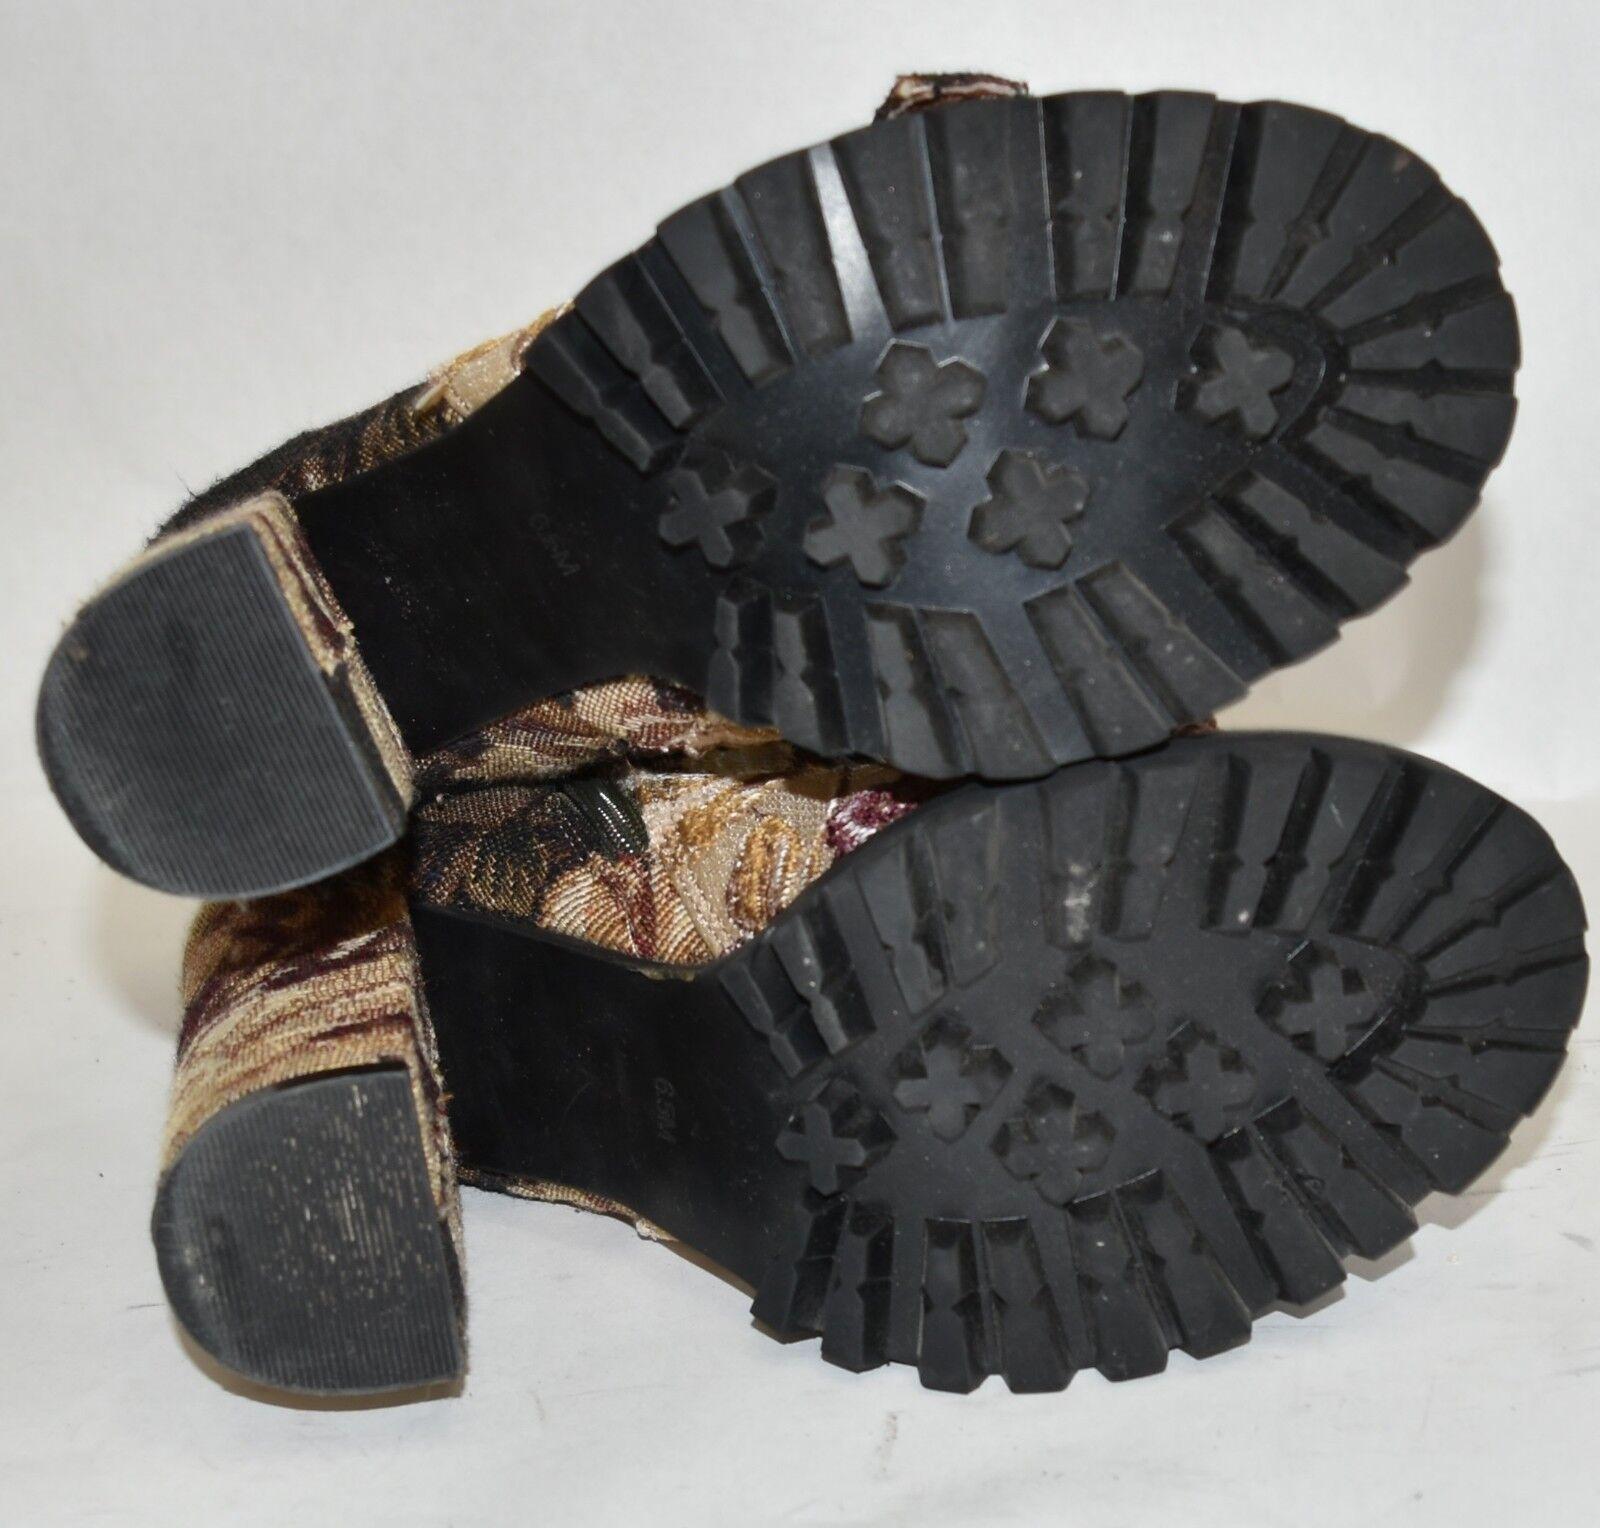 JEFFREY CAMPBELLLilith Block Heel Bootie BEIGE BEIGE BEIGE PINK COMBO 6.5  (M2) 5615f9